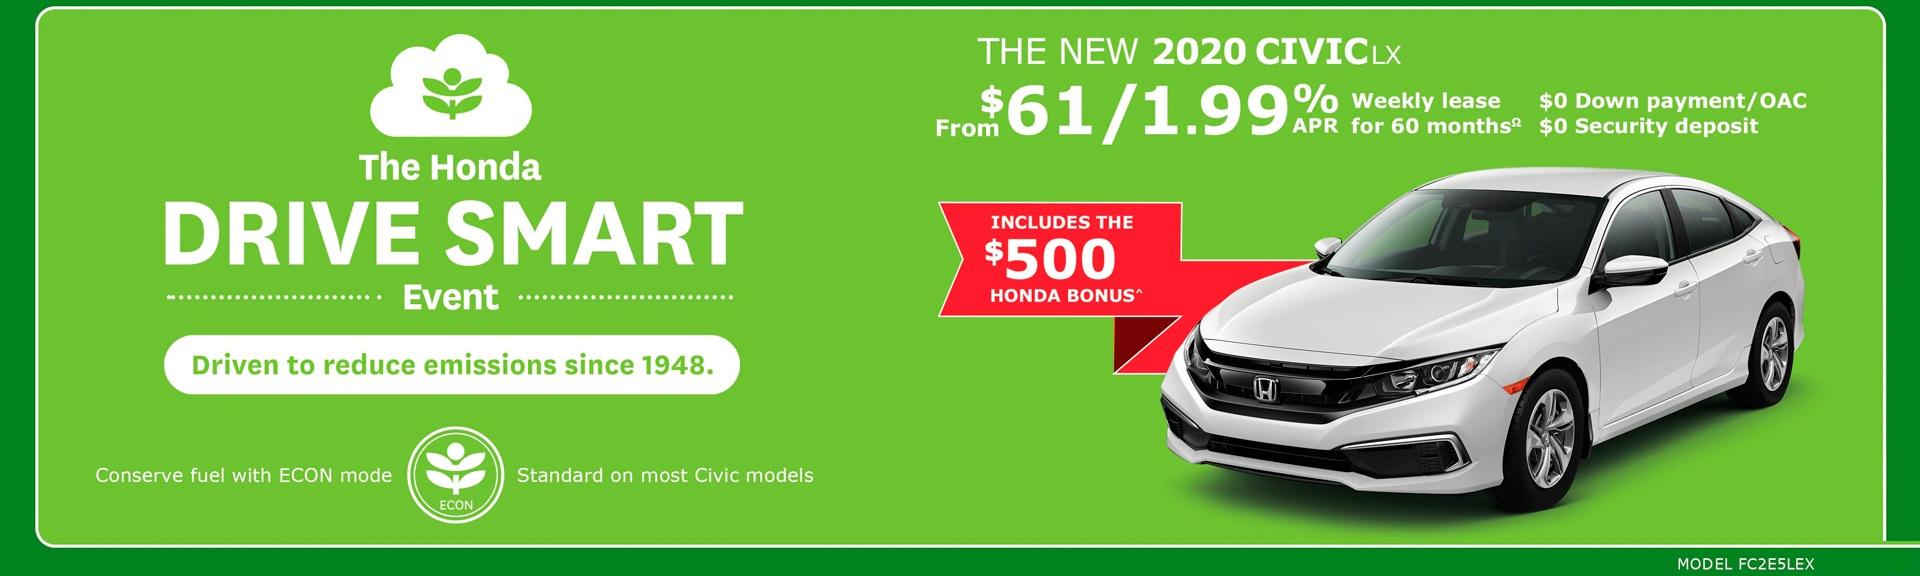 2020-Honda-Civic-LX